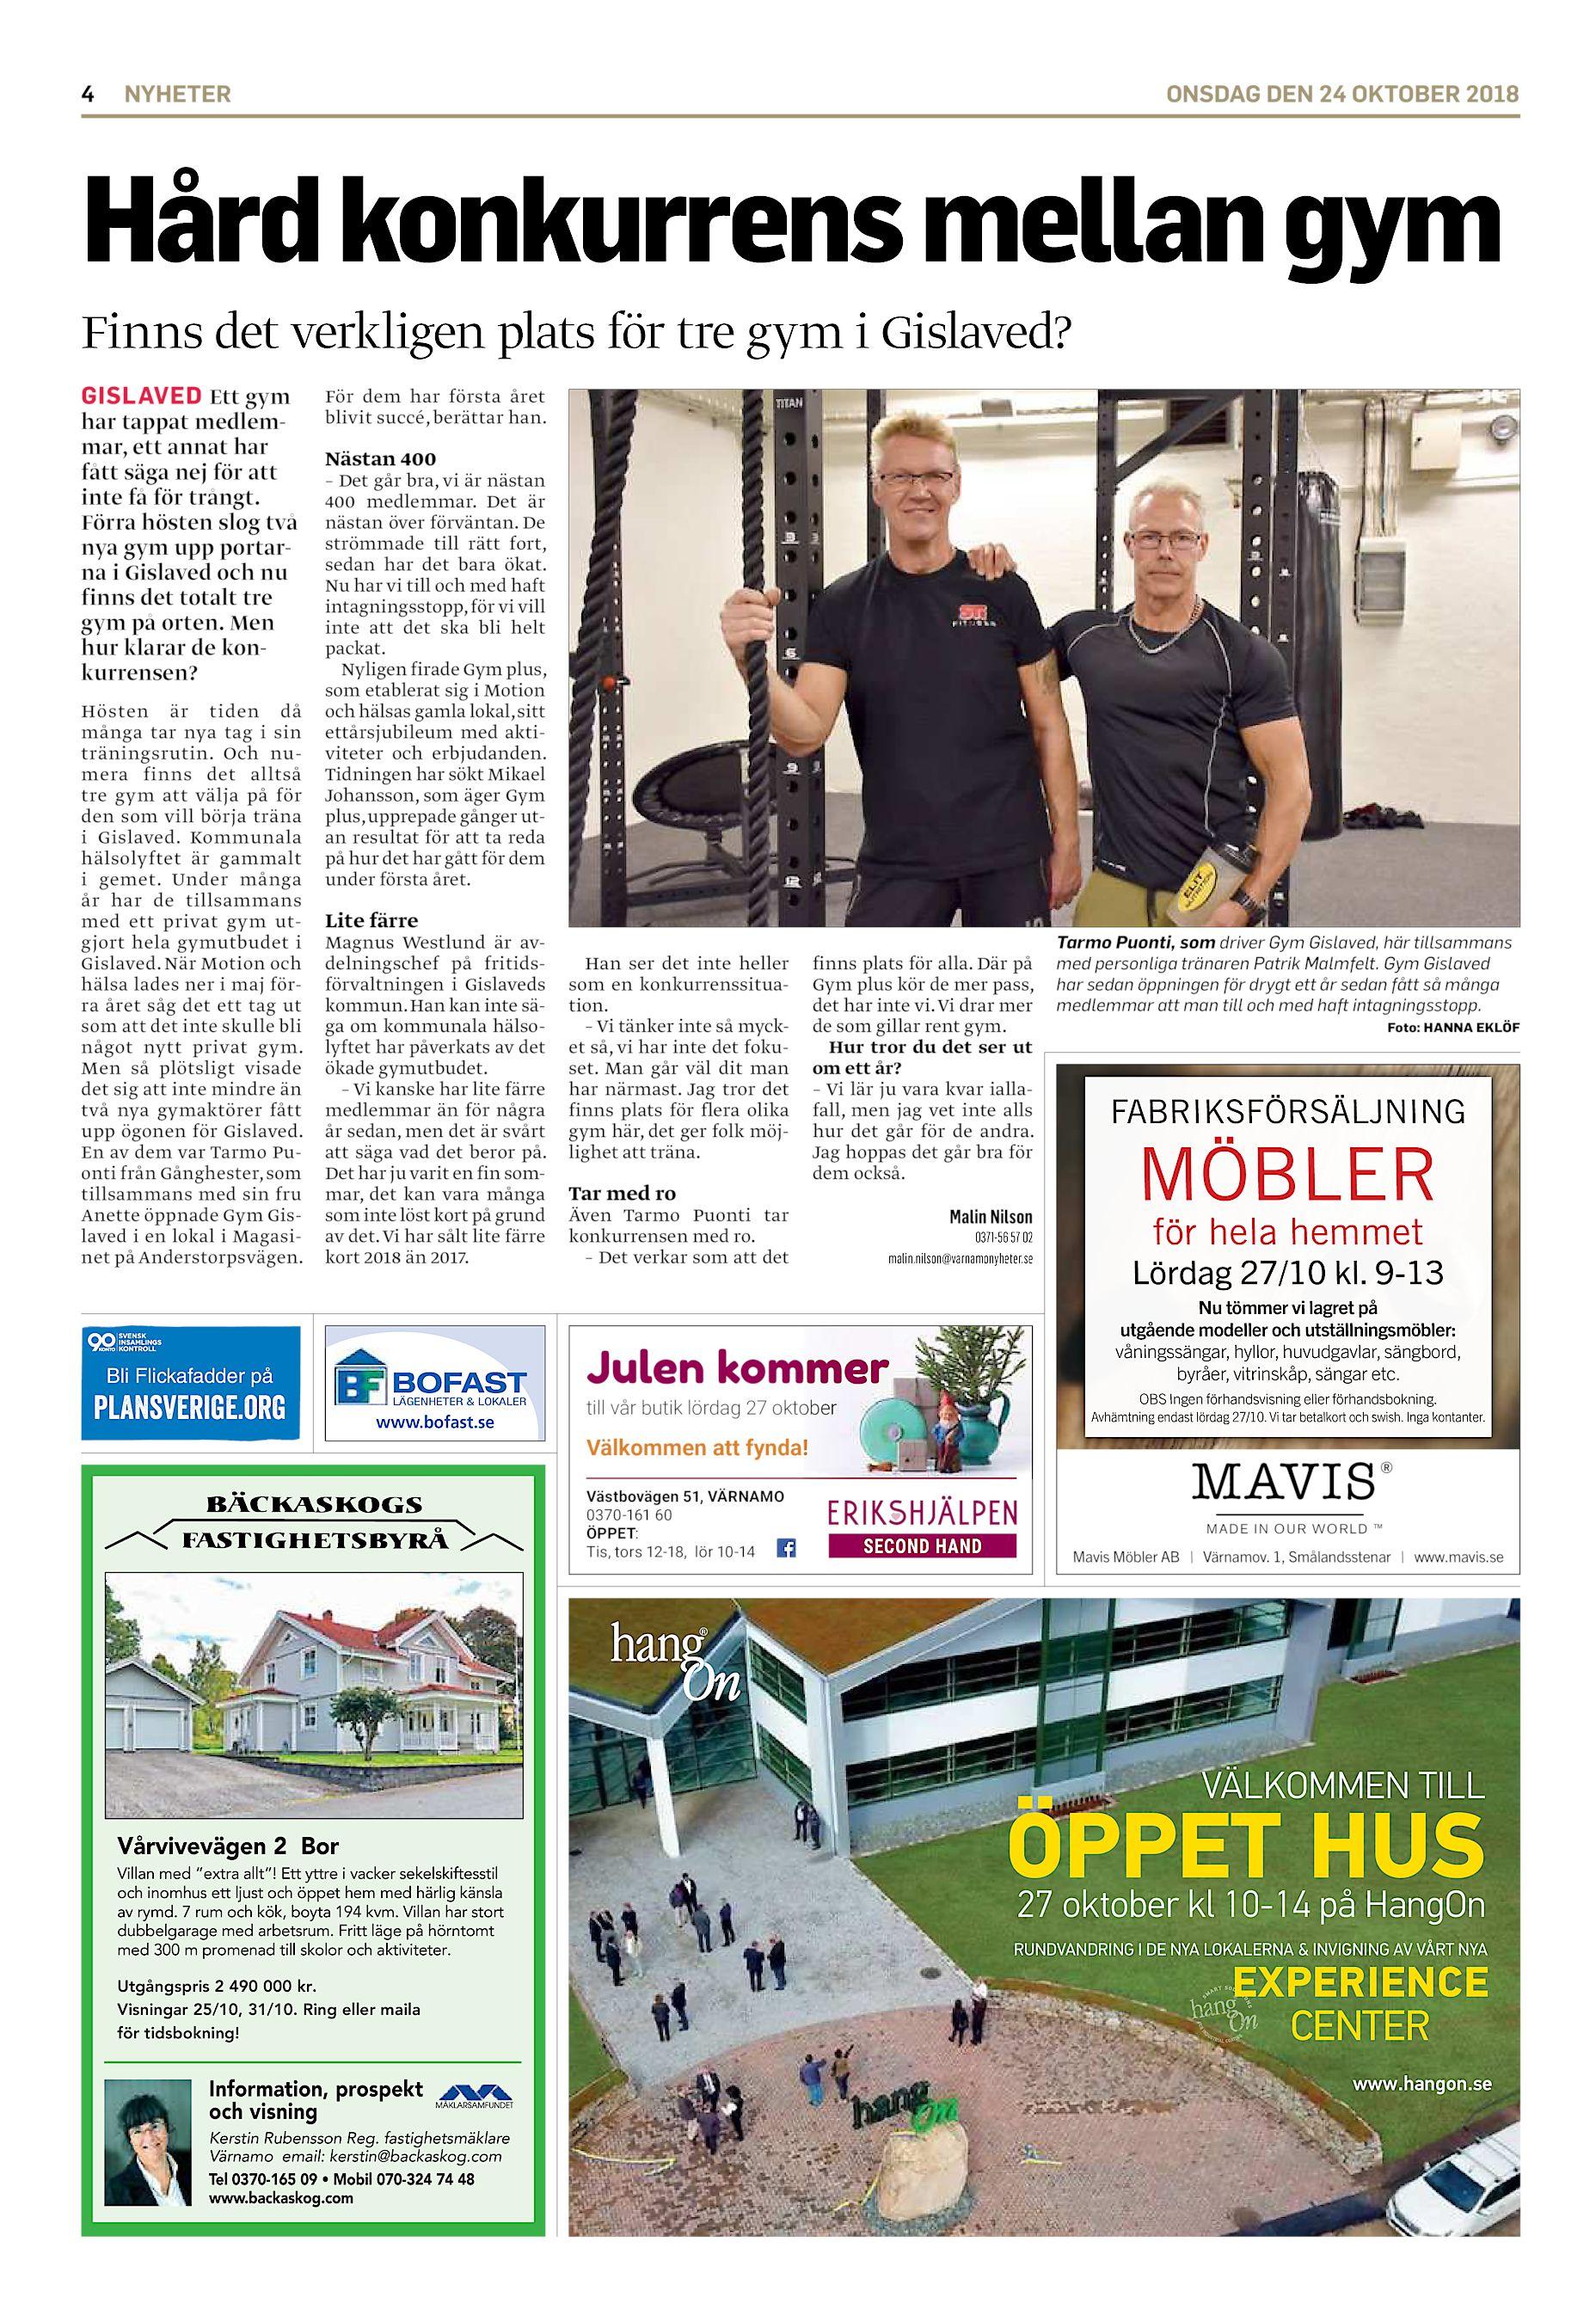 8bf0958df1c3 4 NYHETER ONSDAG DEN 24 OKTOBER 2018 Hård konkurrens mellan gym Finns det  verkligen plats för tre gym i Gislaved? GISLAVED Ett gym har tappat  medlemmar, ...